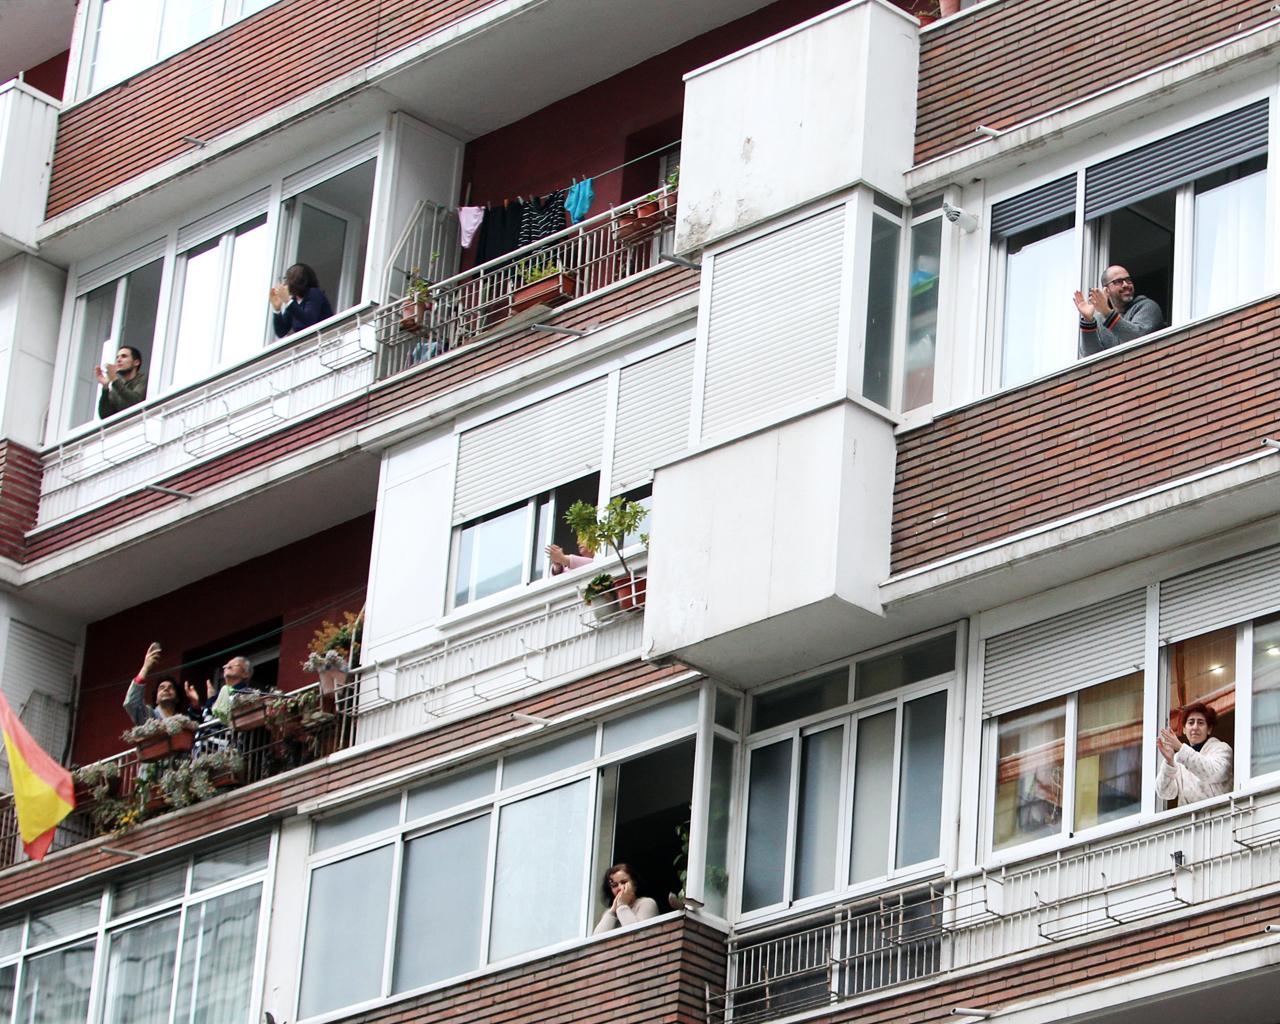 Aplausos en los balcones y terrazas a las 20 horas. Madrid. 02/04/2020.